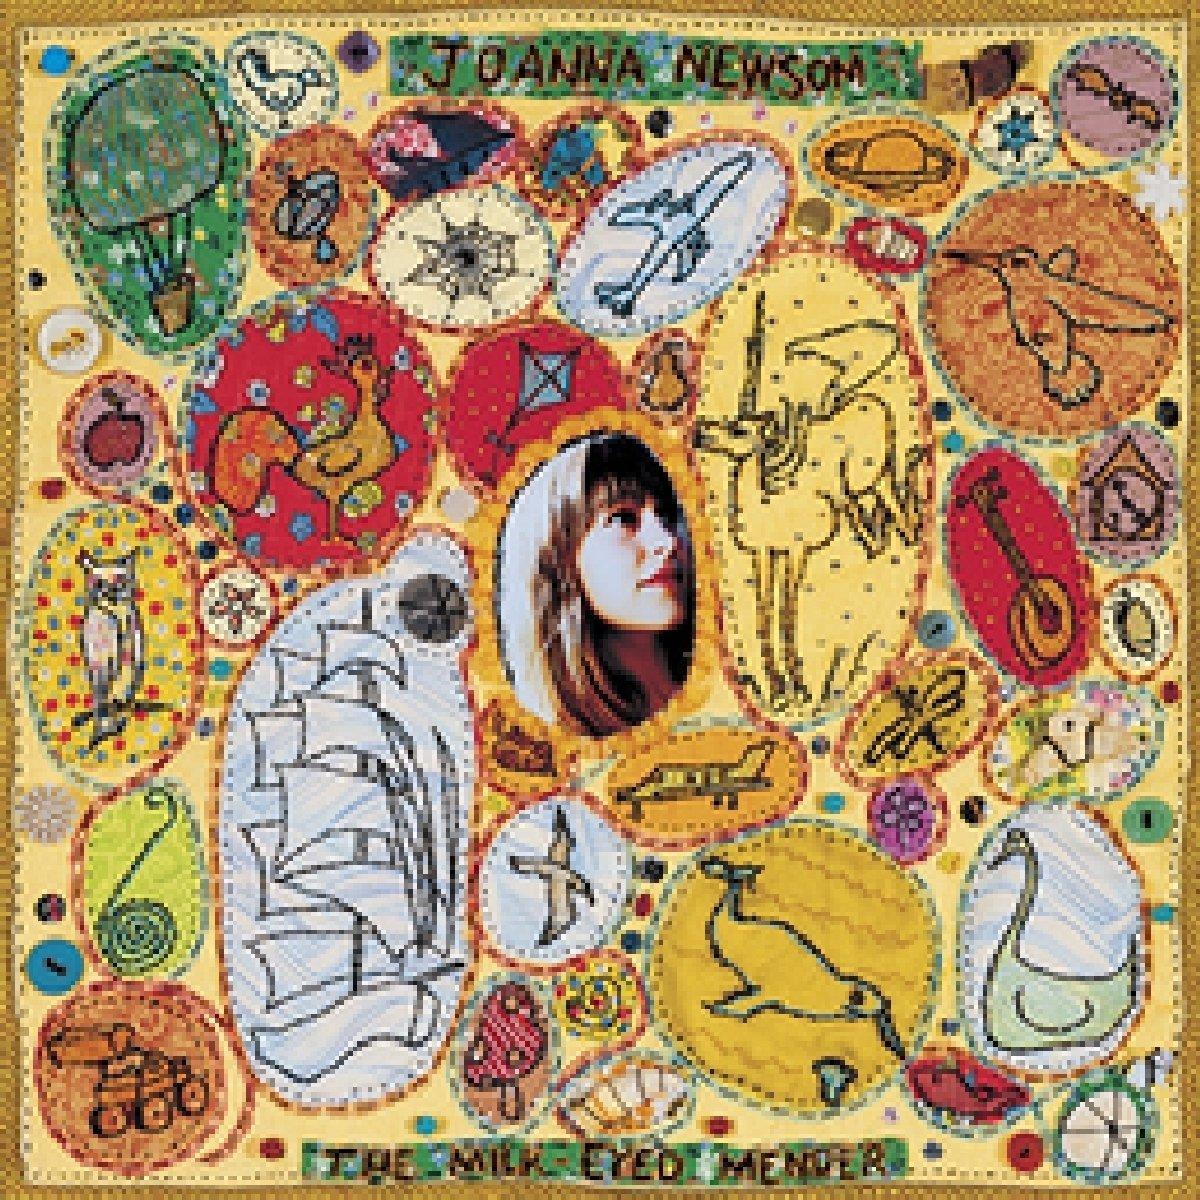 Cassette : Joanna Newsom - Milk-eyed (Cassette)